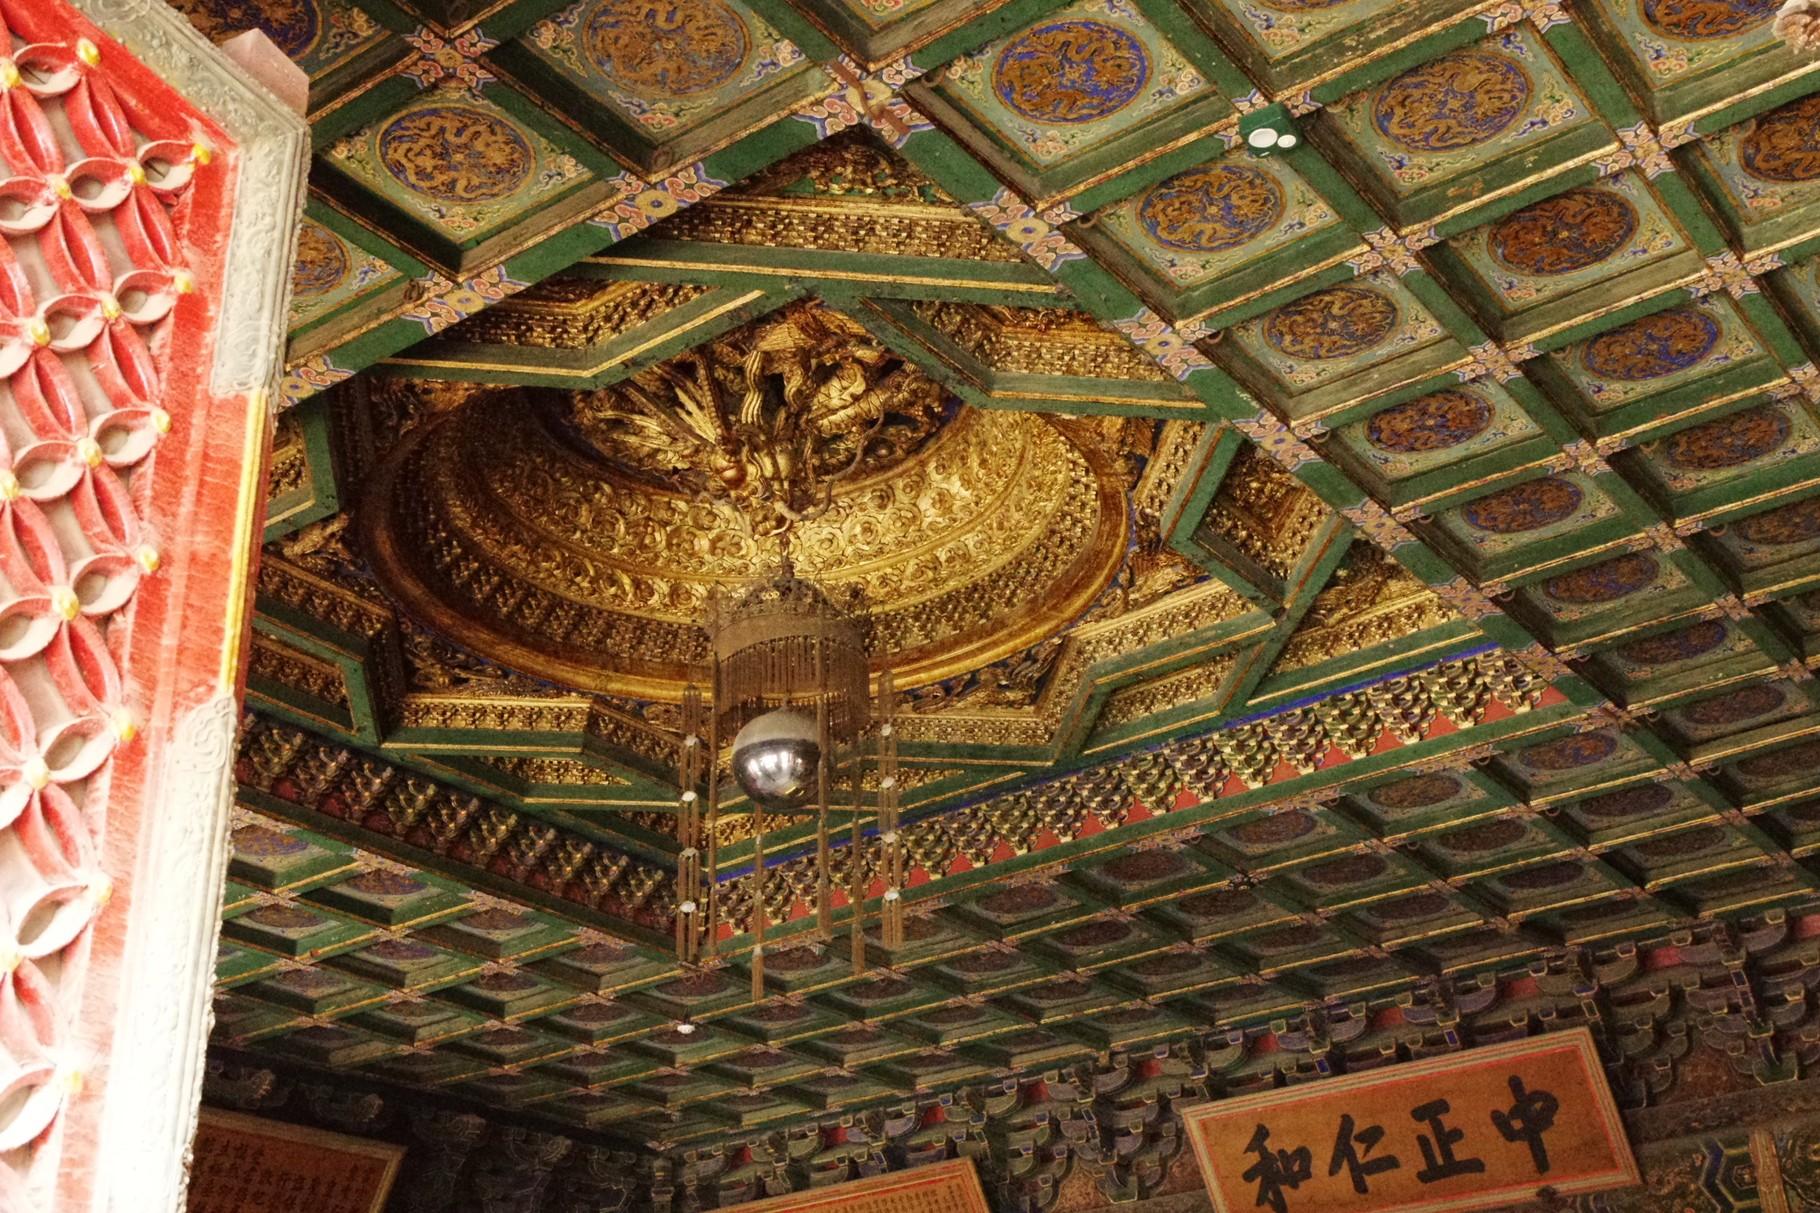 玉座の天井